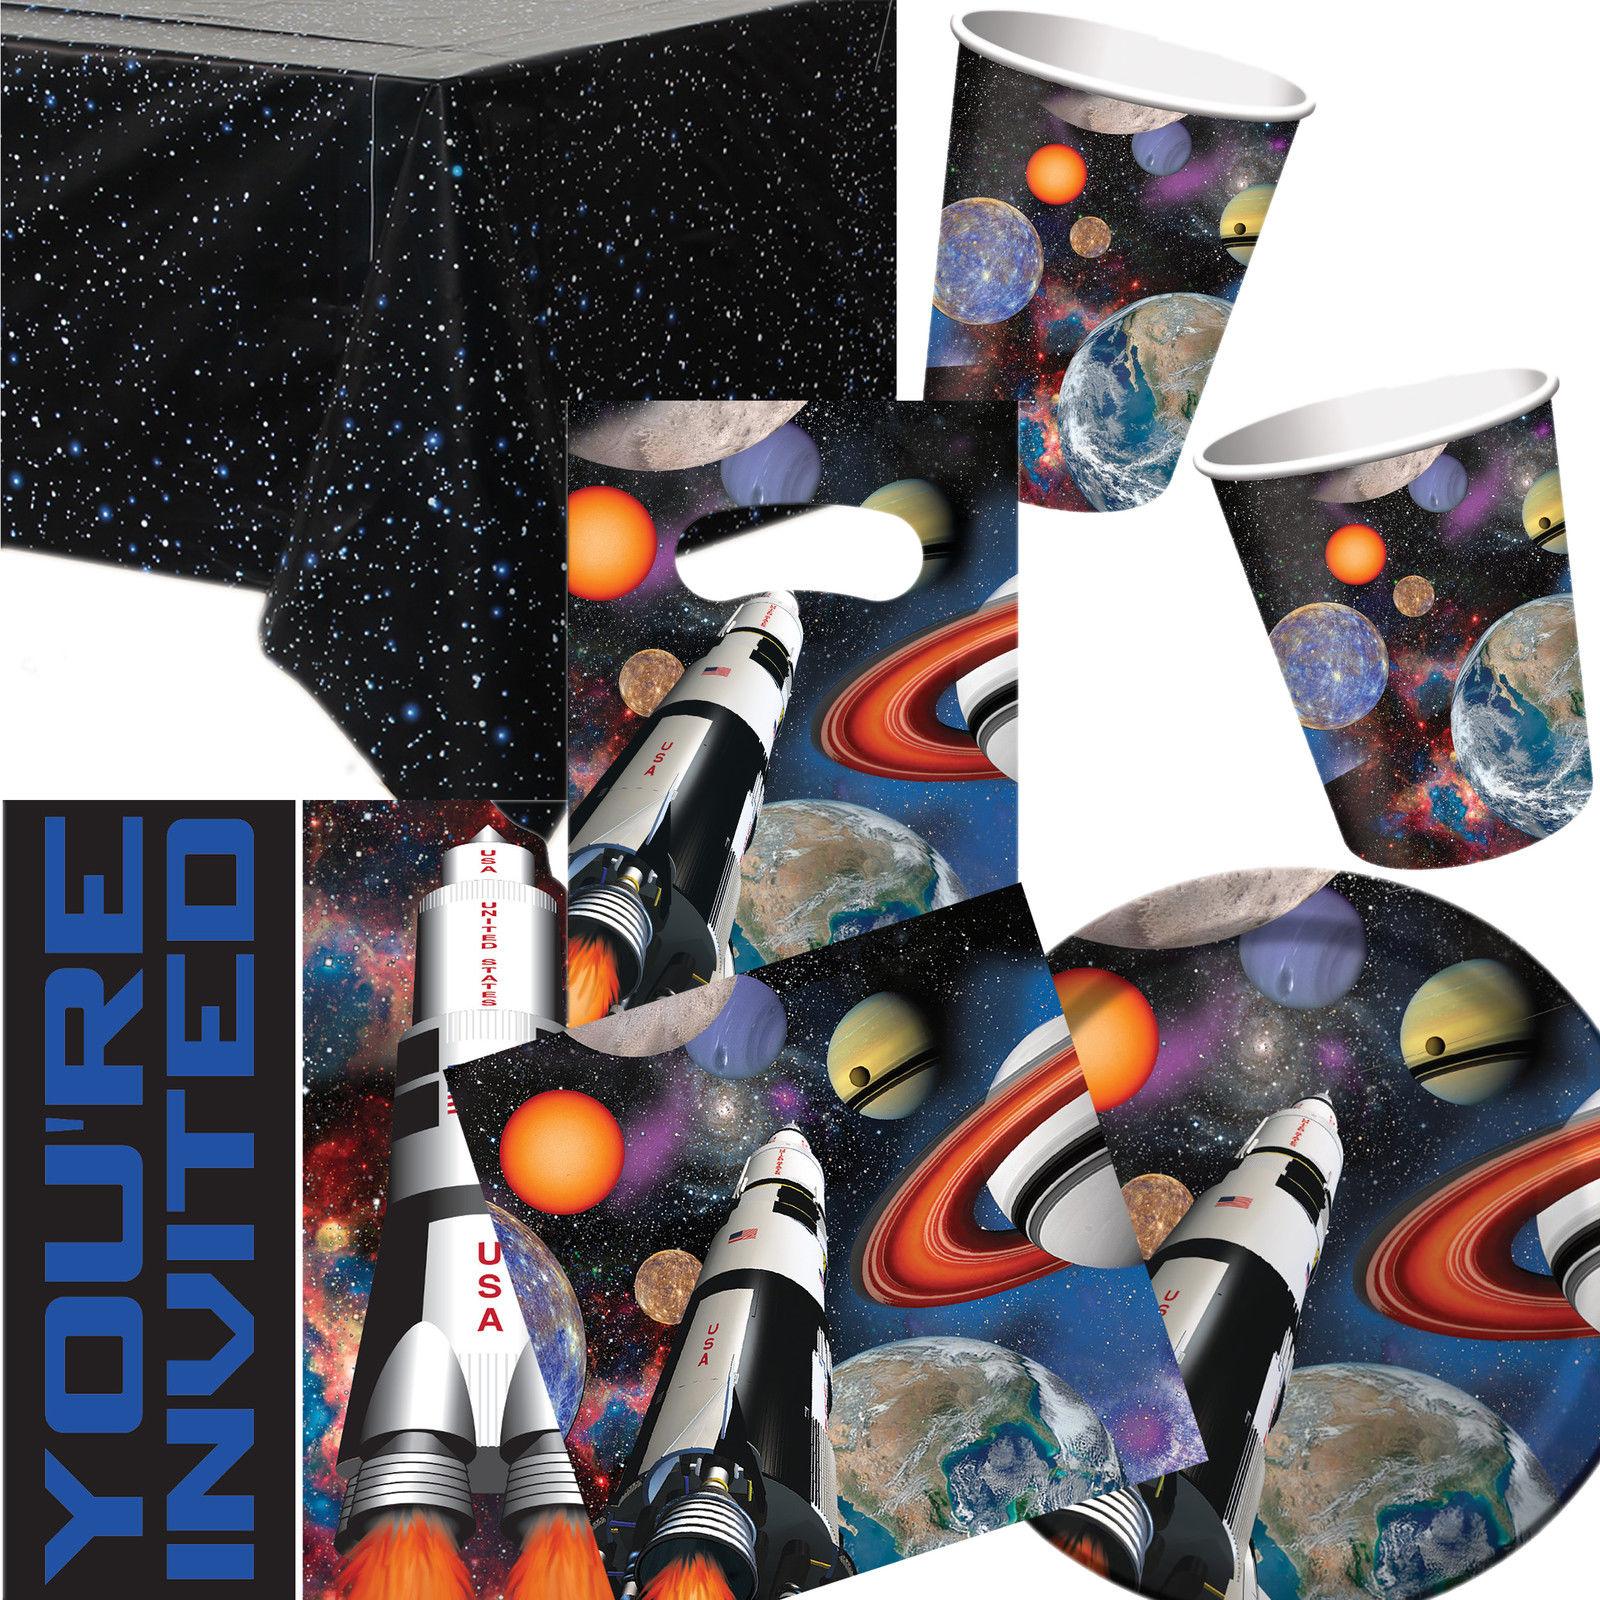 Weltraum - Space Blast